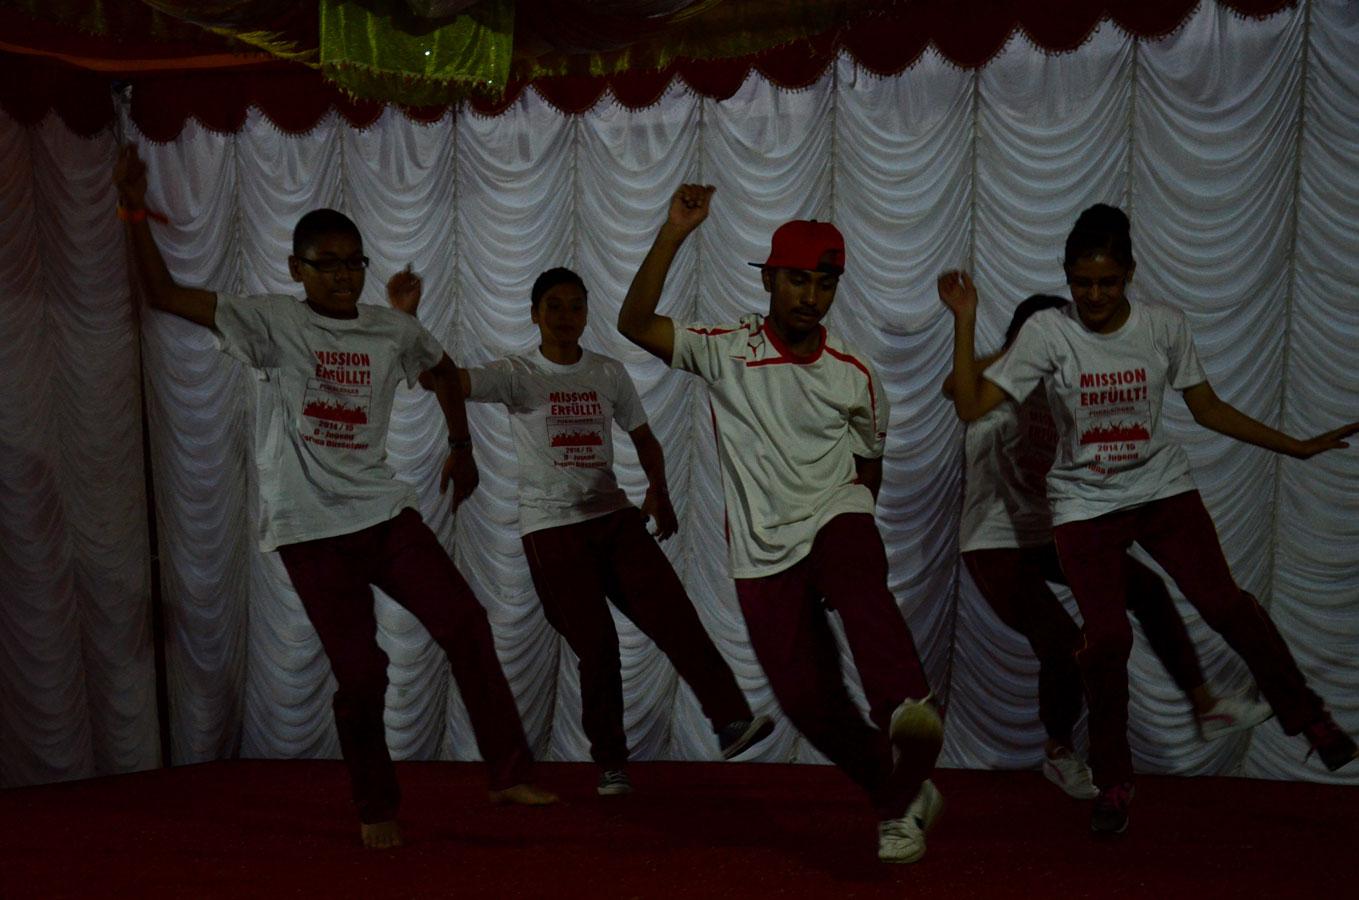 Die Breakdance-Aufführung